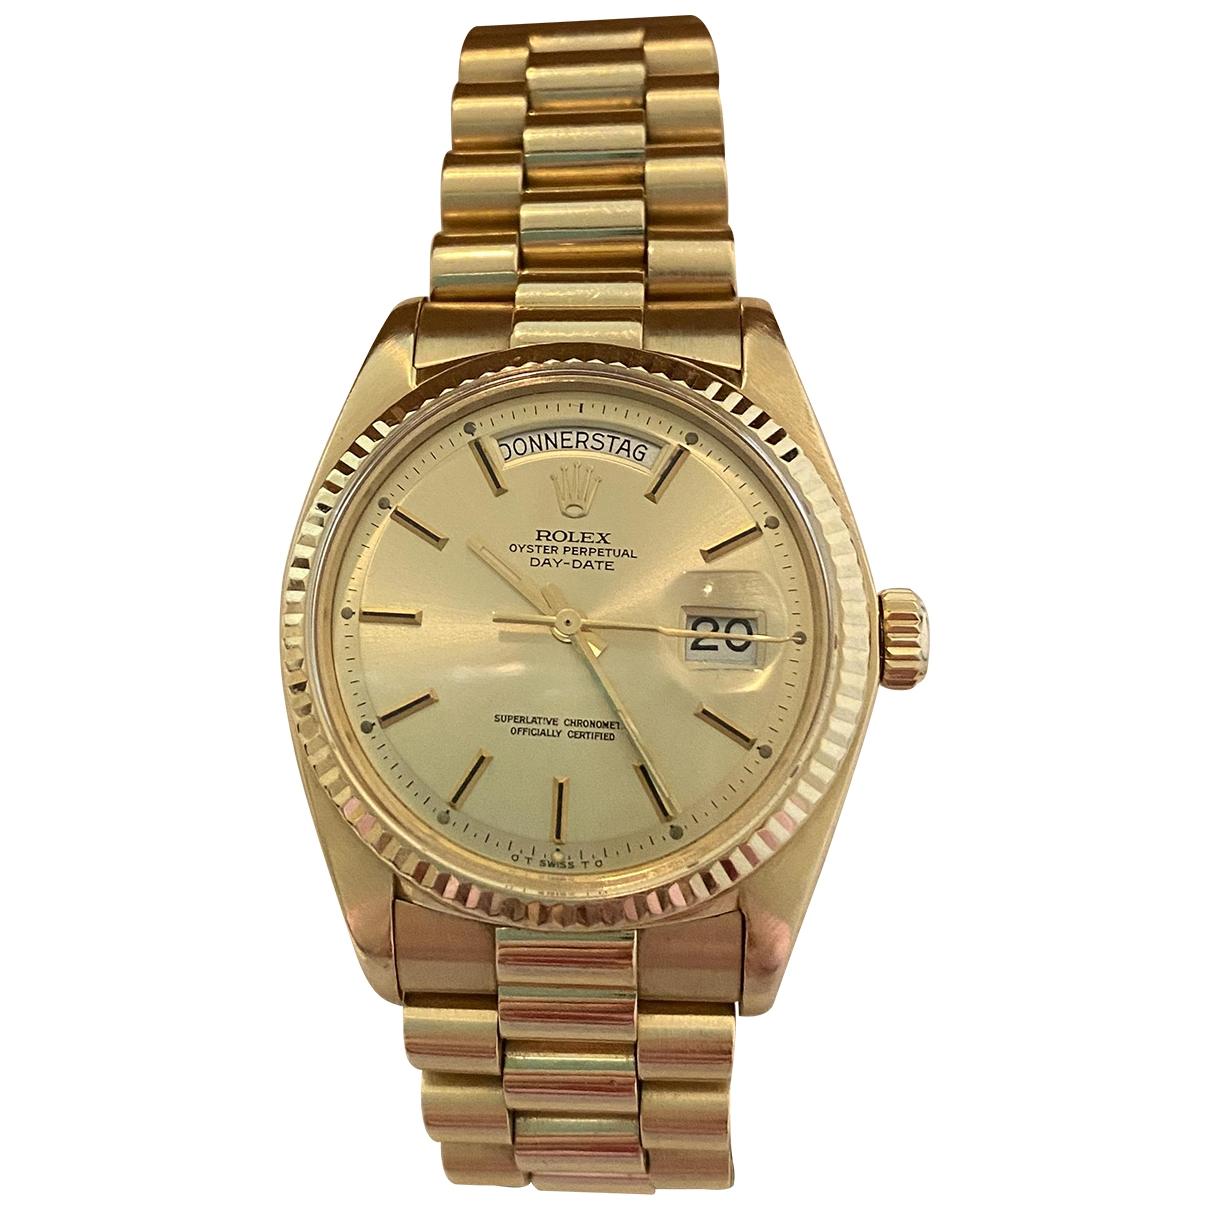 Rolex - Montre Day-Date 36mm pour femme en or jaune - dore